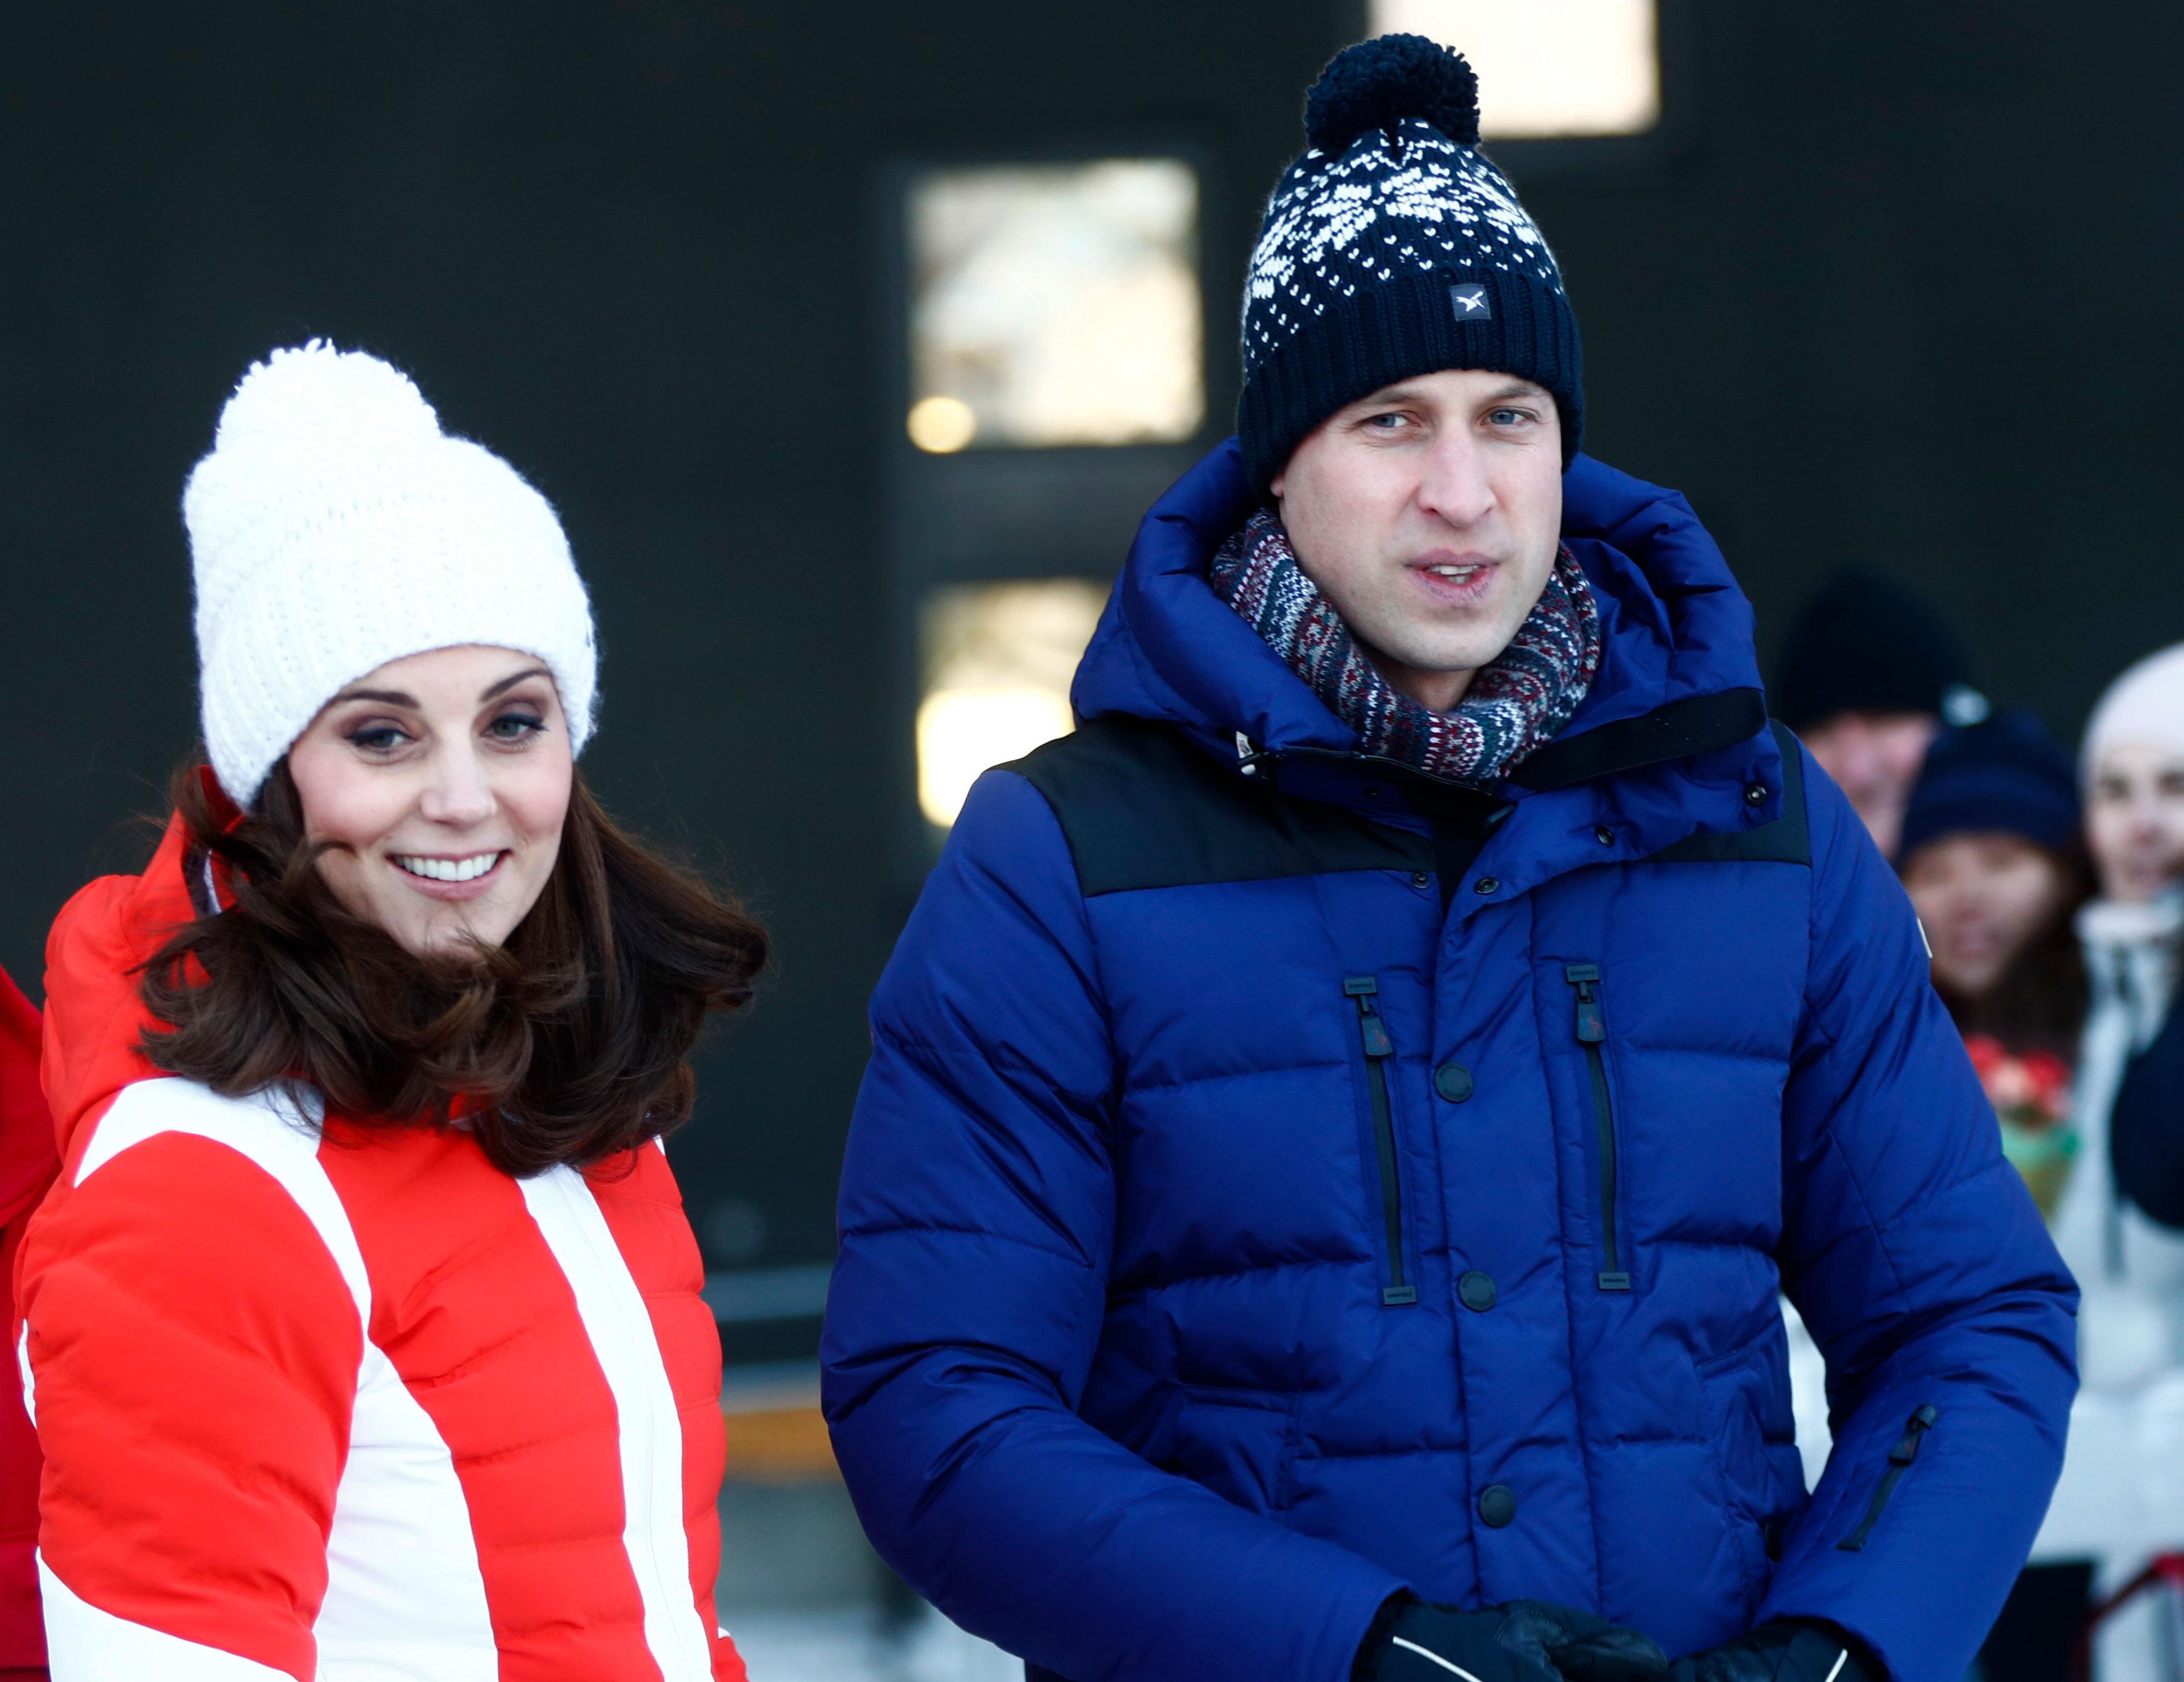 El príncipe William y Kate Middleton durante su vista al Holmenkollen Ski Arena de Oslo. (Cornelius Poppe/NTB scanpix via AP)